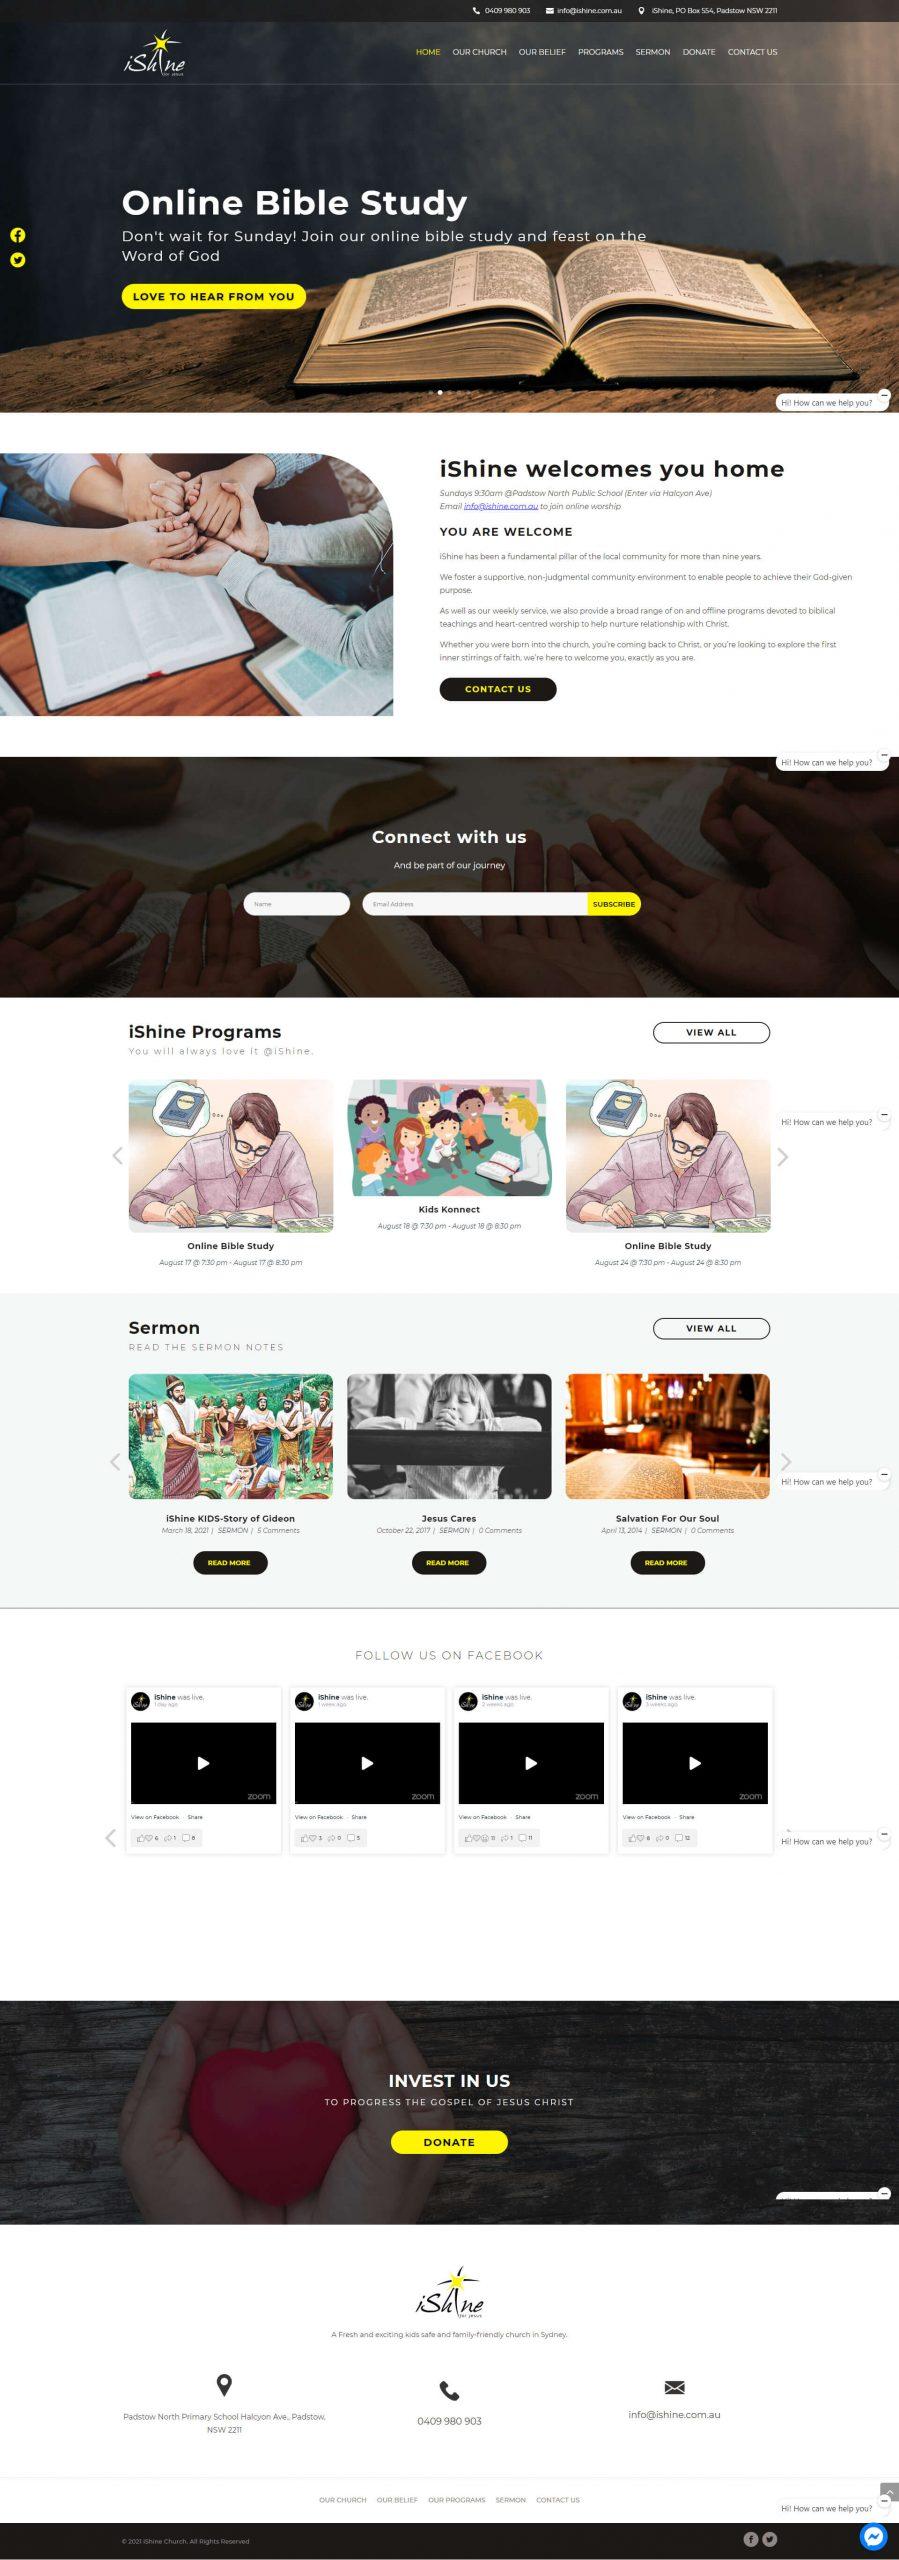 iShine Homepage